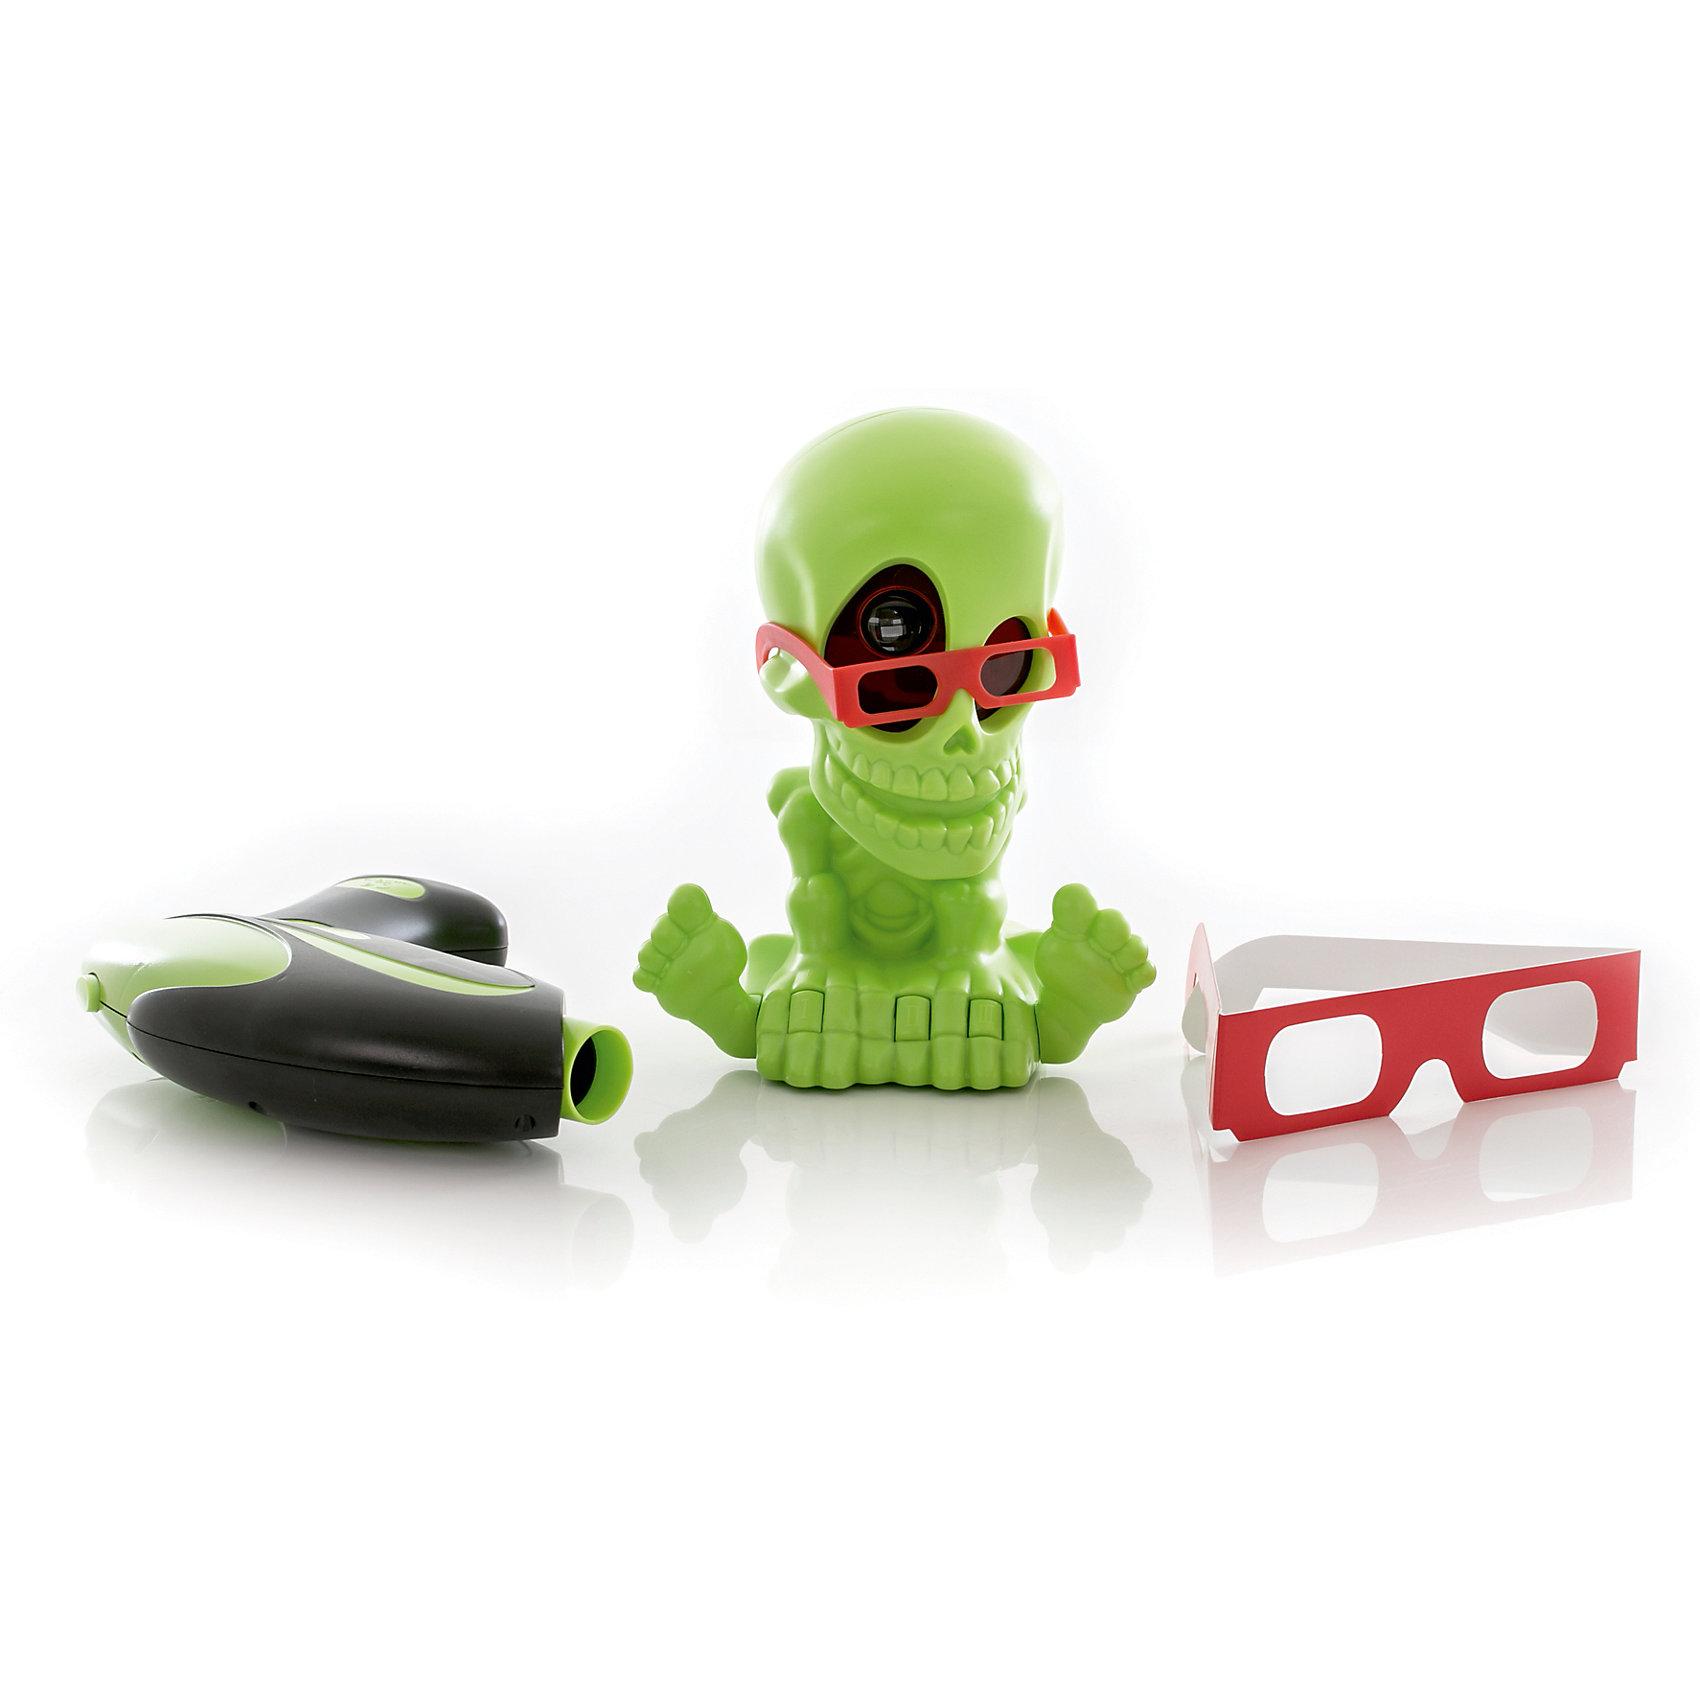 Проекционный 3D Тир Джонни-Черепок  с 1 бластеромИгрушечное оружие<br>Характеристики товара:<br><br>- цвет: разноцветный;<br>- материал: пластик; <br>- габариты упаковки: 27х25х13 см;<br>- вес: 830 г;<br>- возраст: 6+.<br><br>Техника не стоит на месте, поэтому детские игрушки с каждым годом становятся интереснее и сложнее в производстве. Черепок – это проектор, к которому прилагаются 3Д очки. В них ребенок видит летающих монстров, которых должен убить двойным выстрелом. Интерактивный тир прямо у себя в комнате – мечта всех мальчиков, следящих за миром техники! Материалы, использованные при изготовлении изделия, абсолютно безопасны и полностью отвечают международным требованиям по качеству детских товаров.<br><br>Игрушку «Проекционный 3D Тир Джонни-Черепок с 1 бластером» можно купить в нашем интернет-магазине.<br><br>Ширина мм: 270<br>Глубина мм: 250<br>Высота мм: 130<br>Вес г: 830<br>Возраст от месяцев: 60<br>Возраст до месяцев: 2147483647<br>Пол: Унисекс<br>Возраст: Детский<br>SKU: 5115463